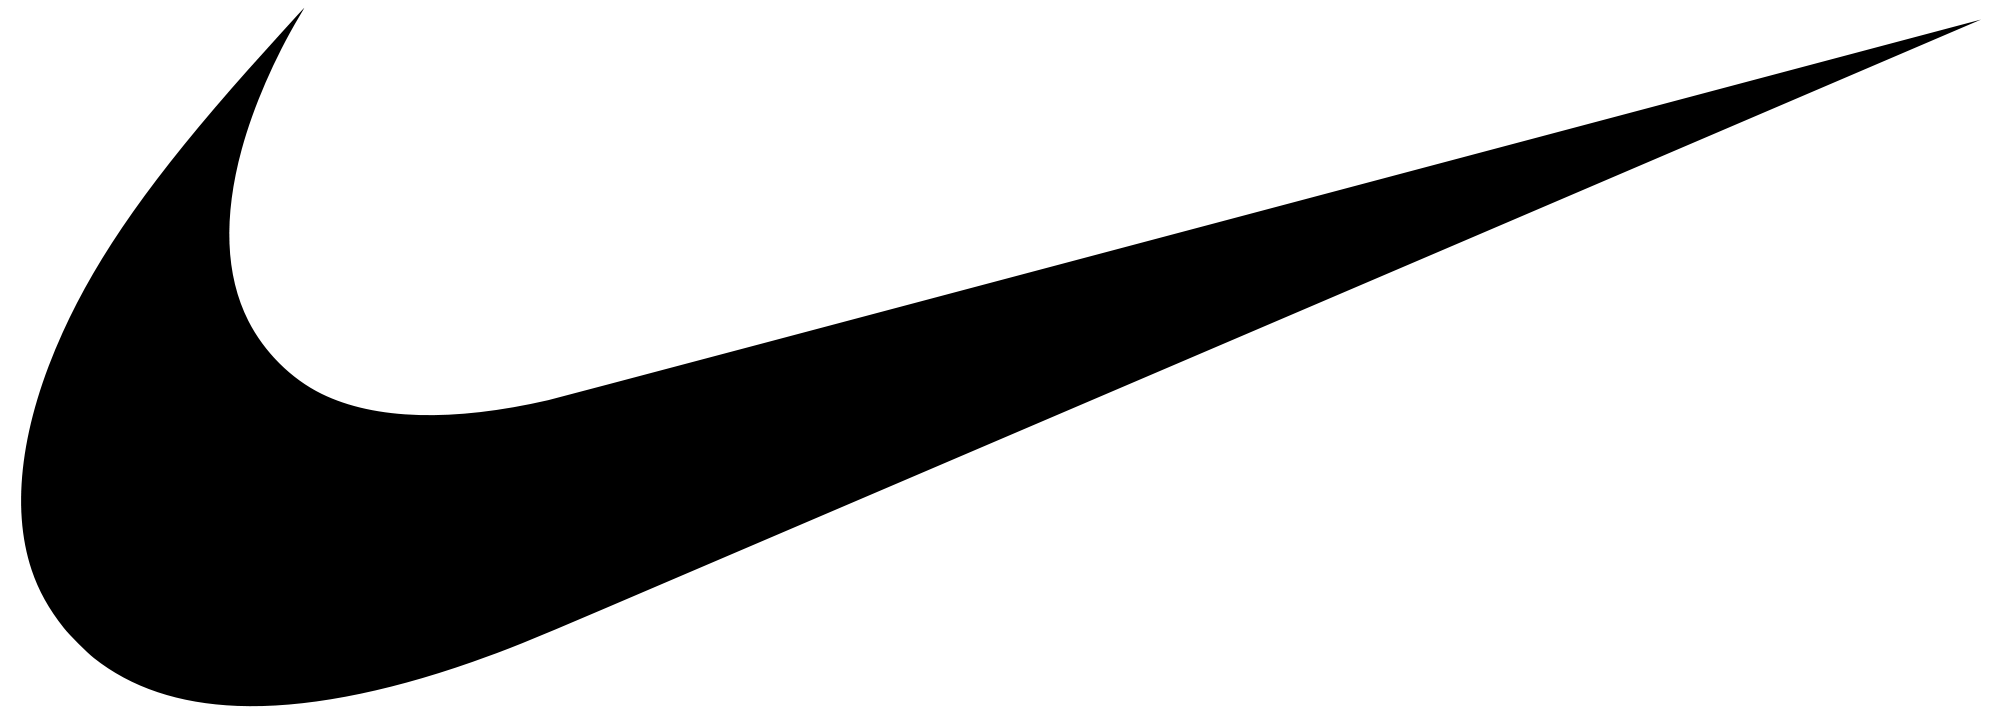 nike swoosh png logo